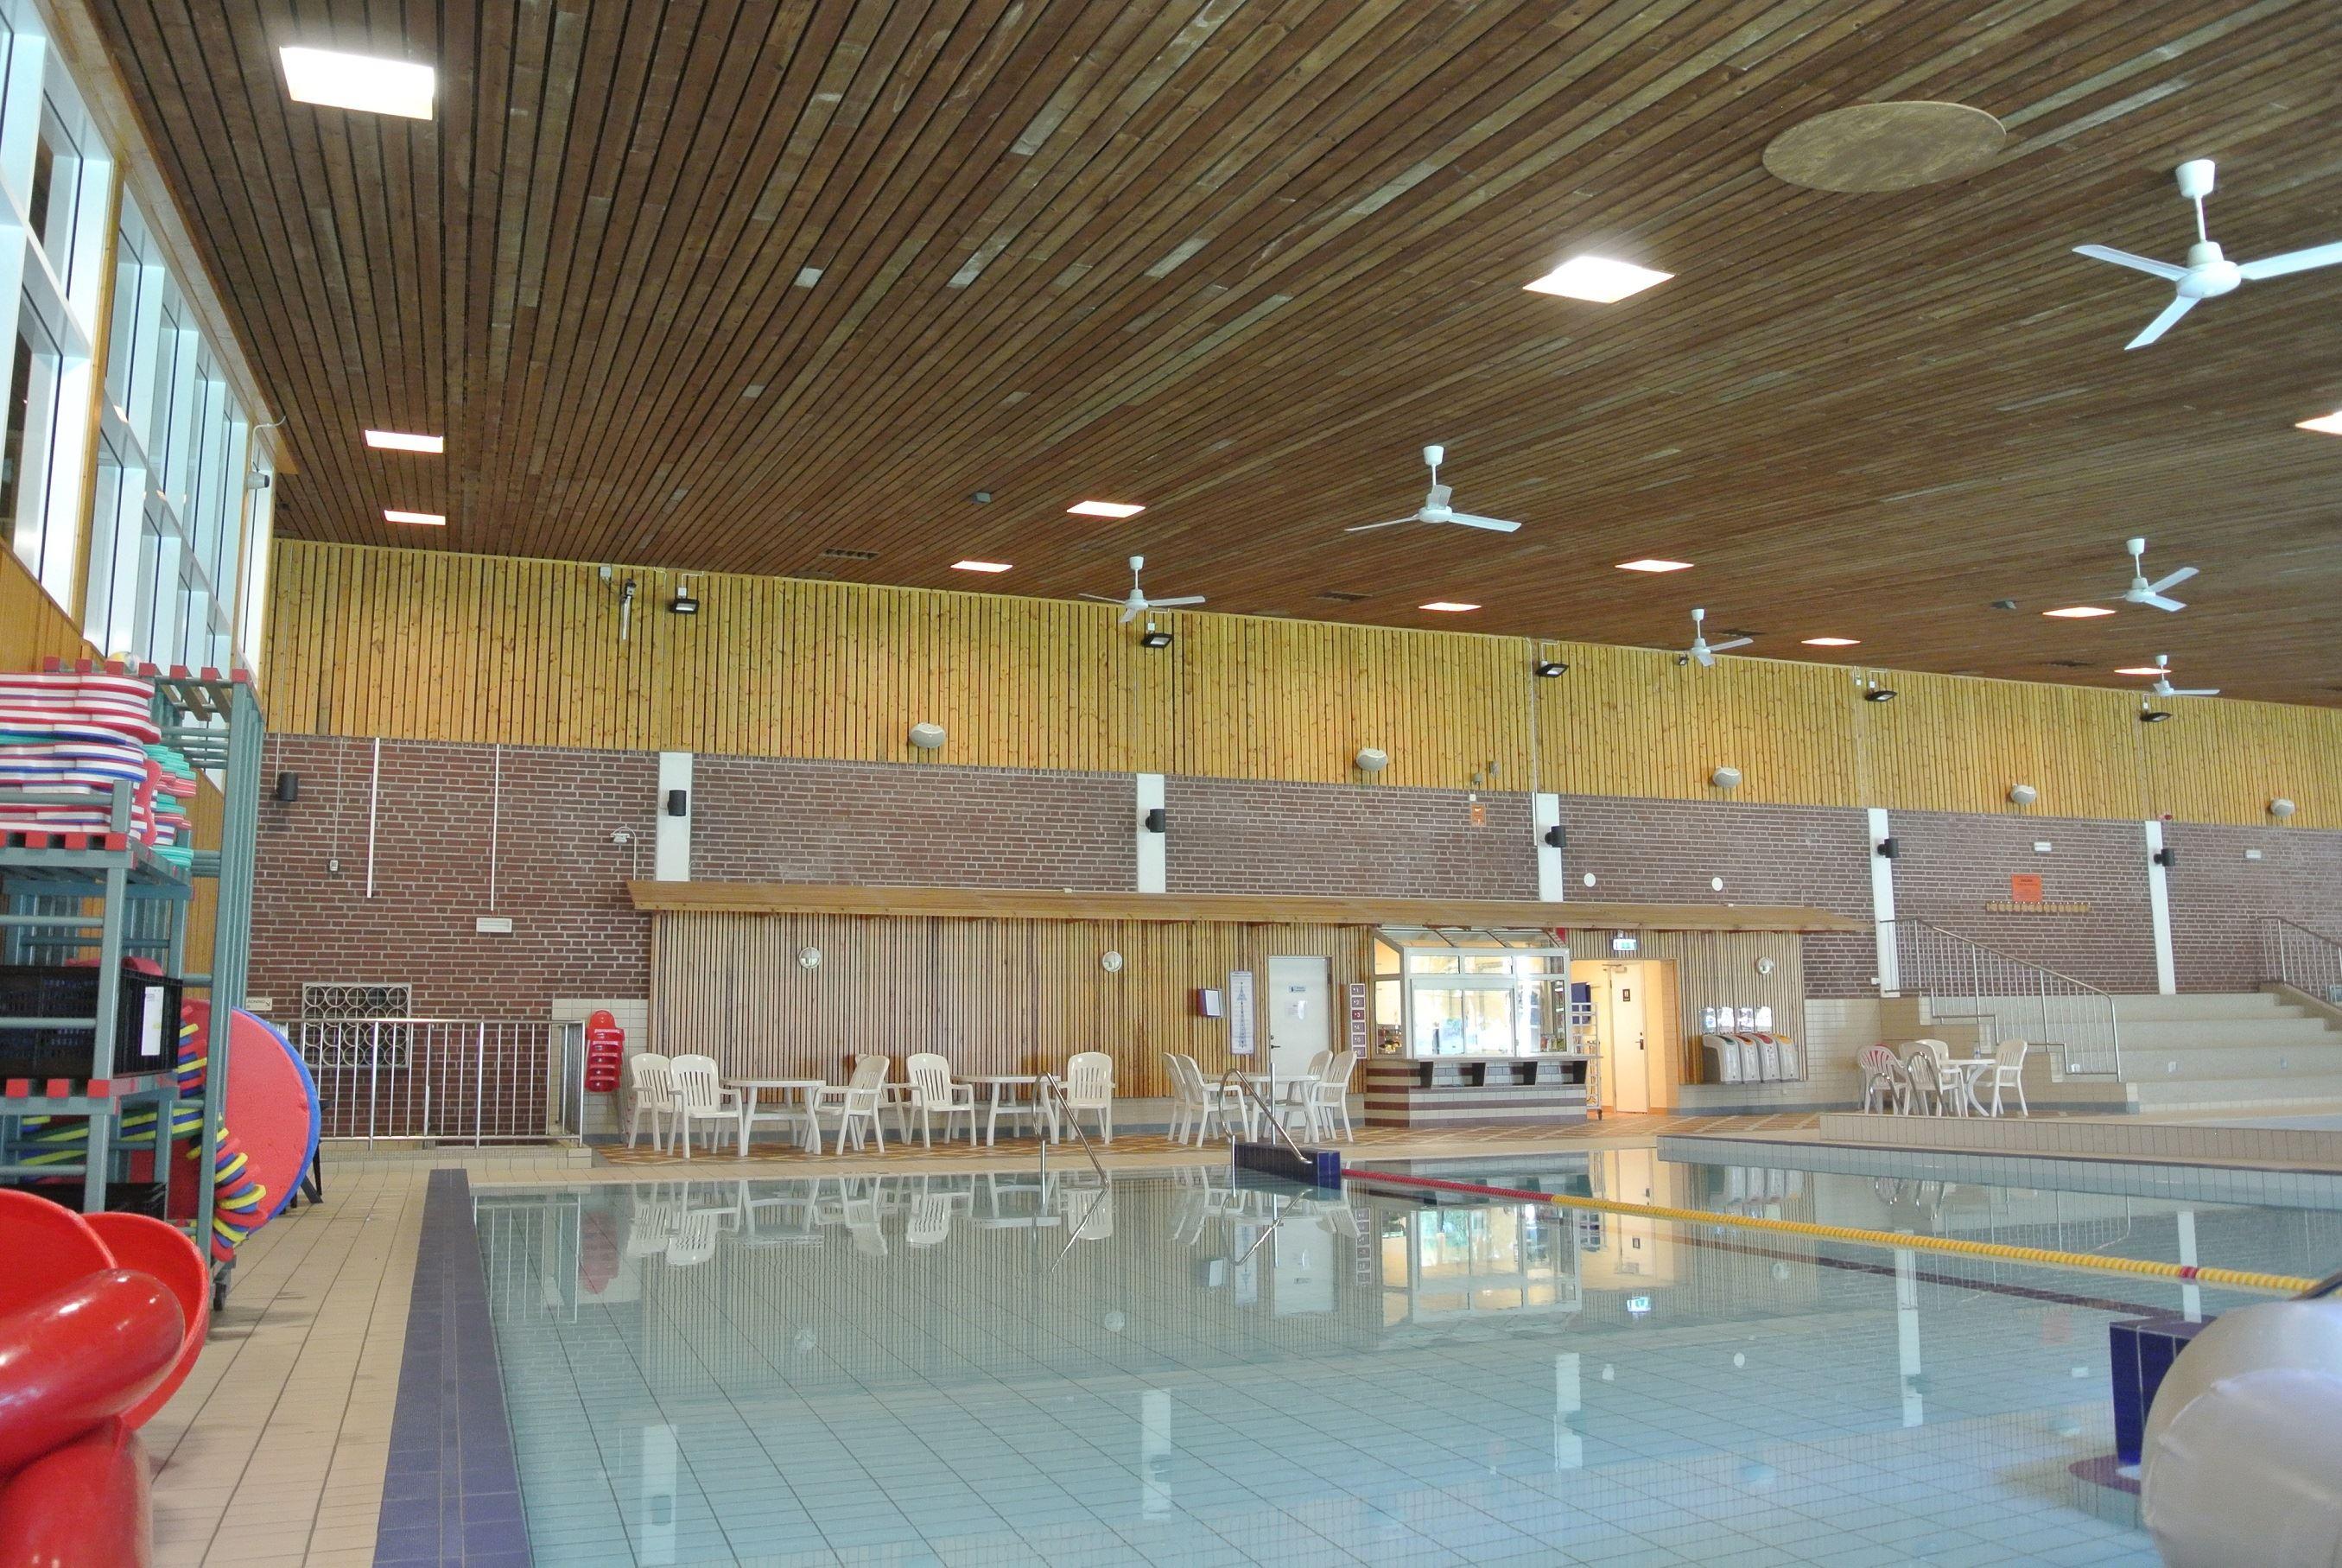 © Klippans kommun, Klippan Indoor Swimming Pool